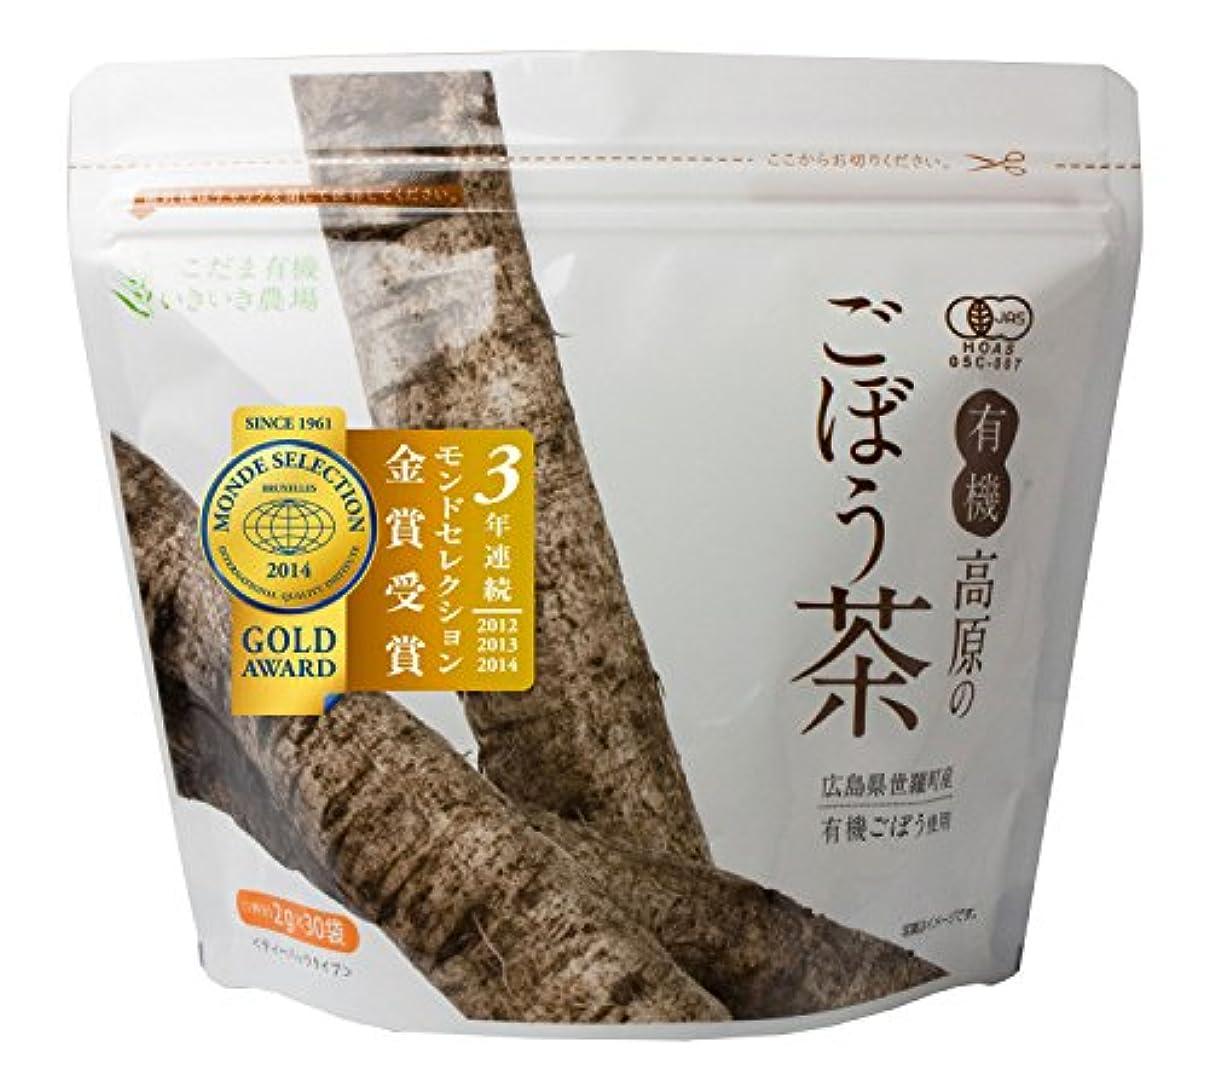 落ち着いたどのくらいの頻度で新しさこだま食品 有機高原のごぼう茶 2g×30袋 311037001